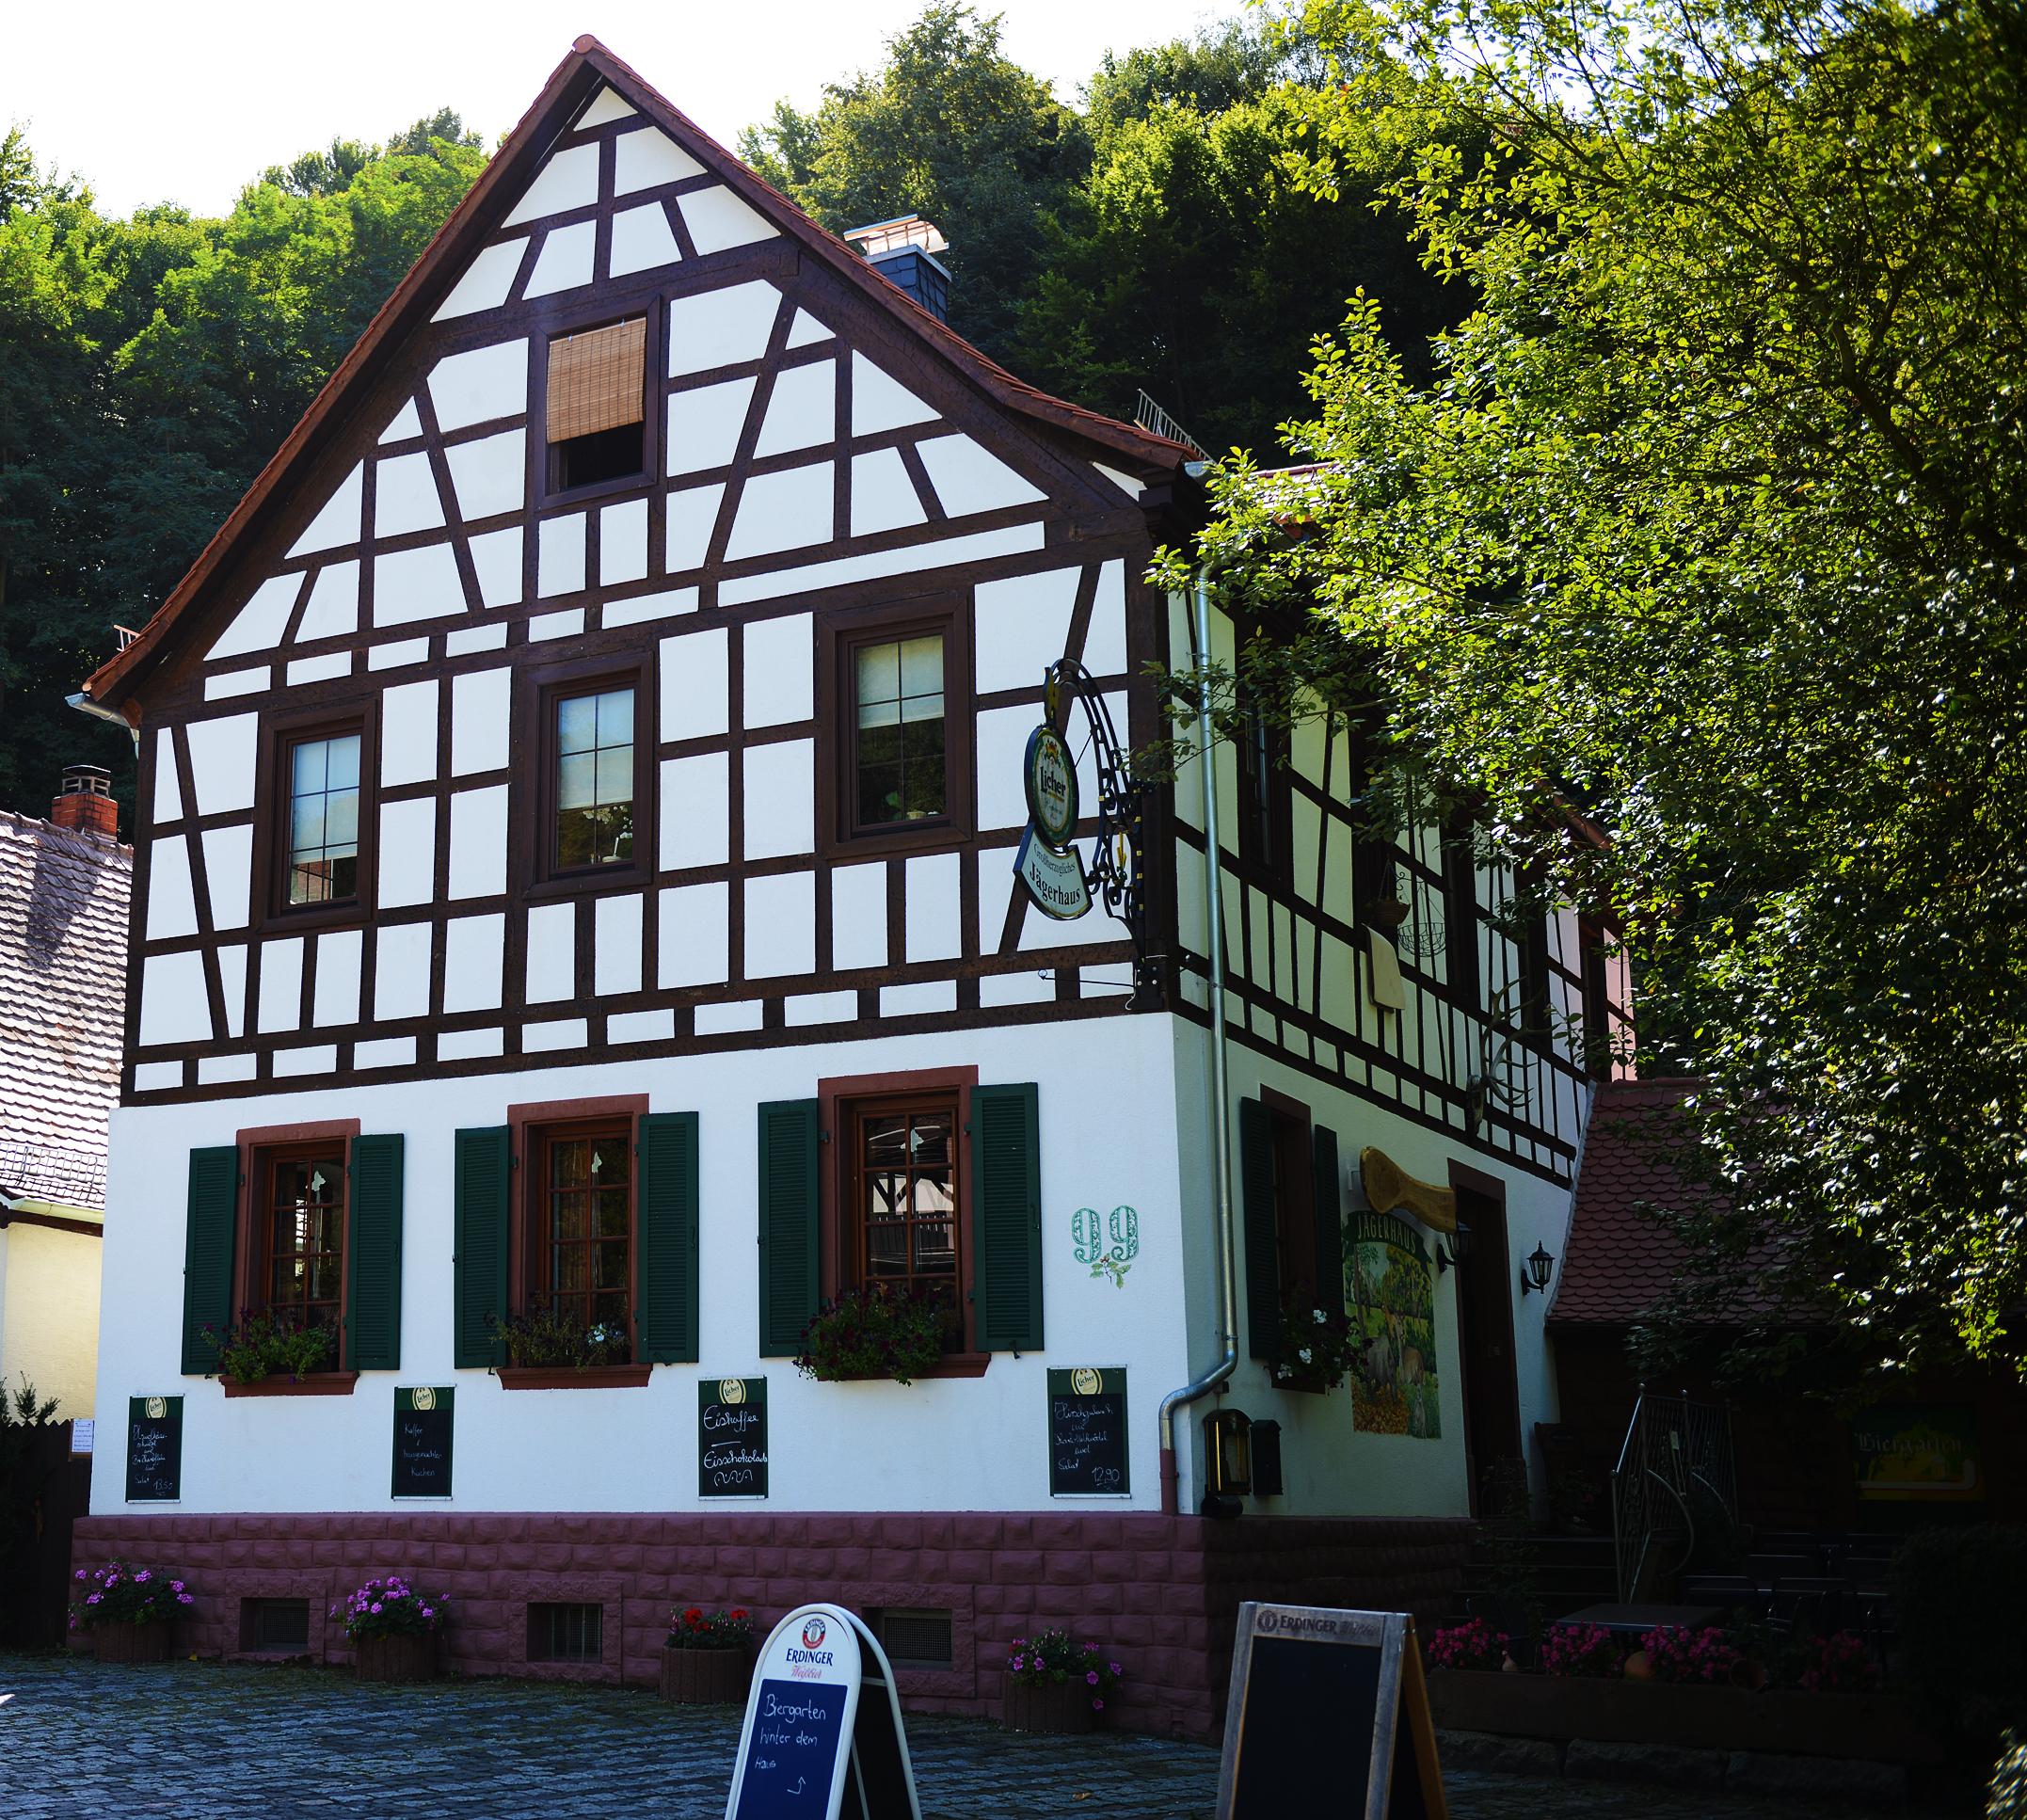 Datei:20 Bensheim-Auerbach Bachgasse 20.jpg – Wikipedia